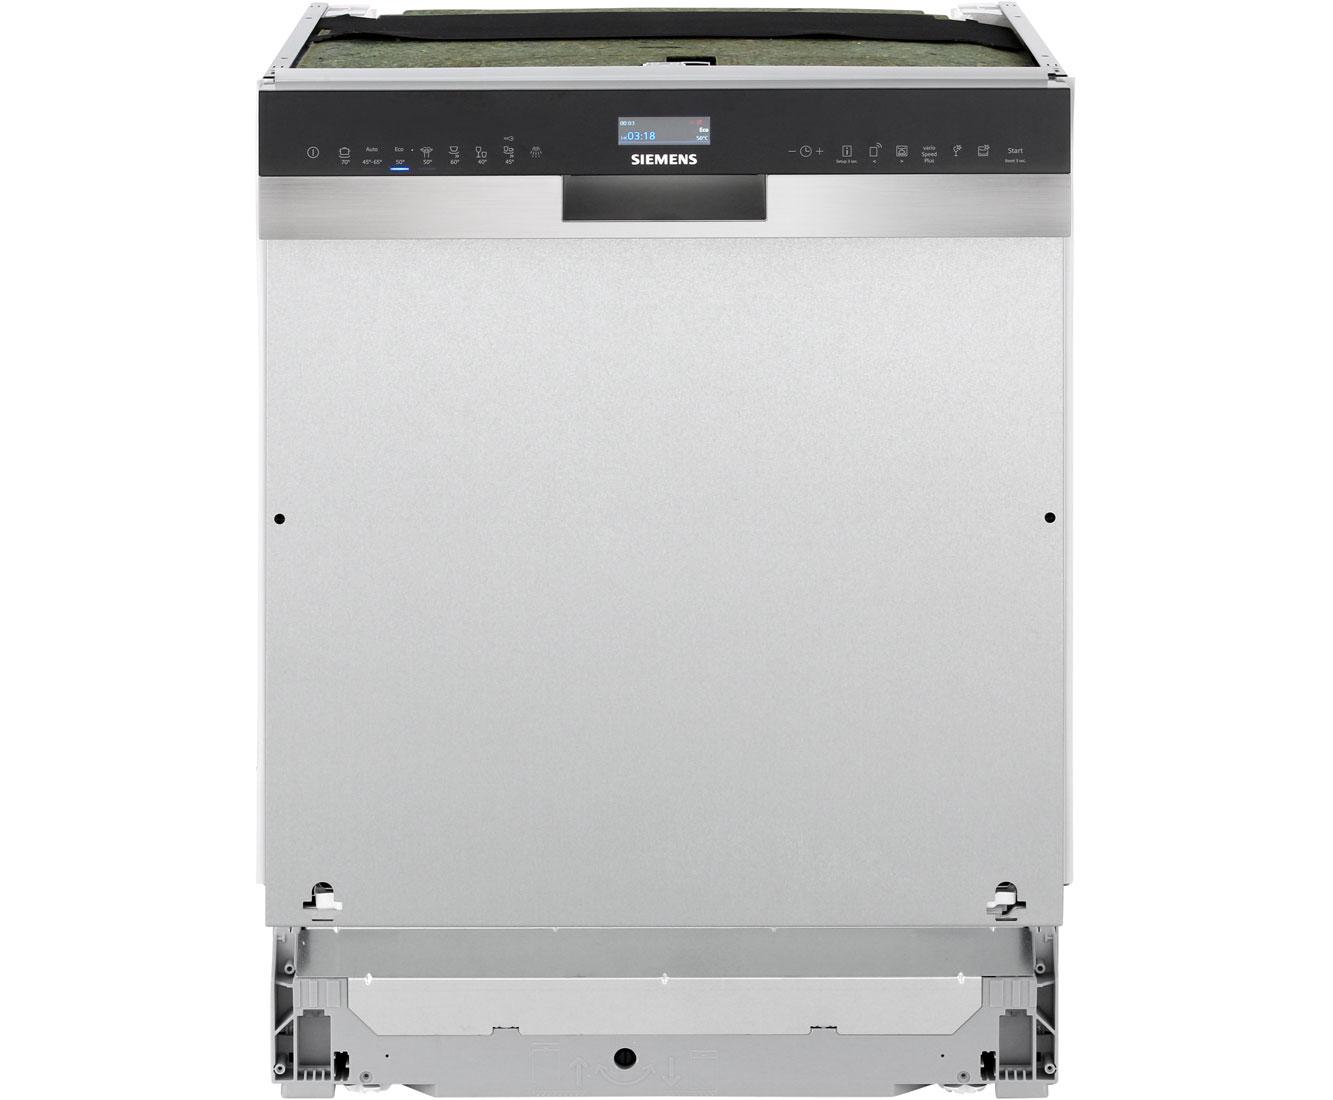 iQ500 SN558S06TE Geschirrspüler 60 cm - Edelstahl